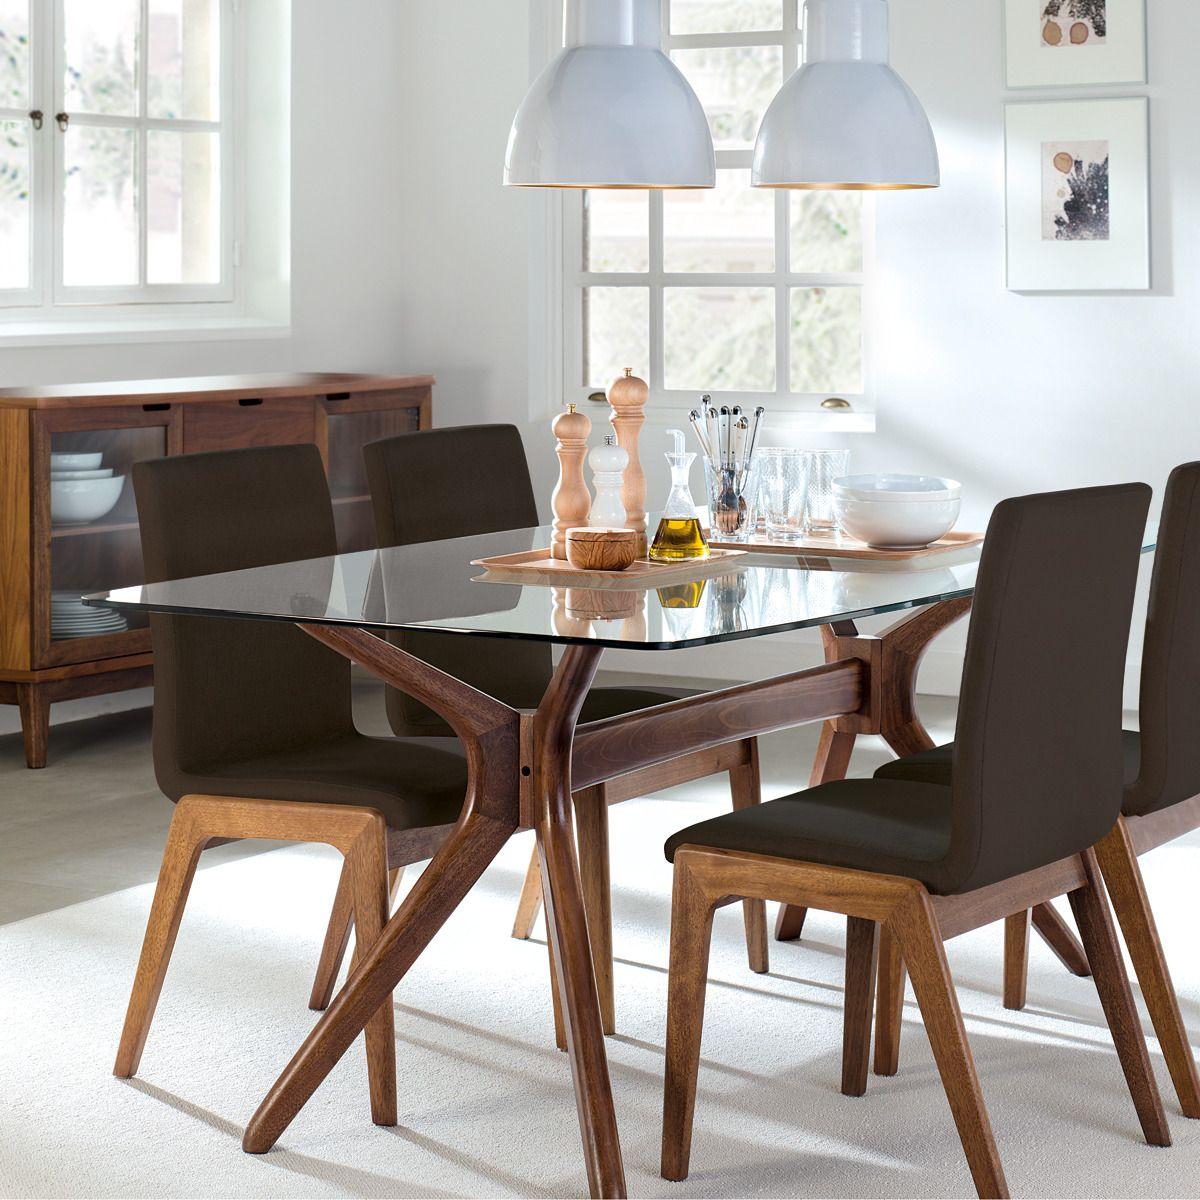 Mesa de sala de jantar de madeira e vidro Kyle | Pinterest | Mesas ...